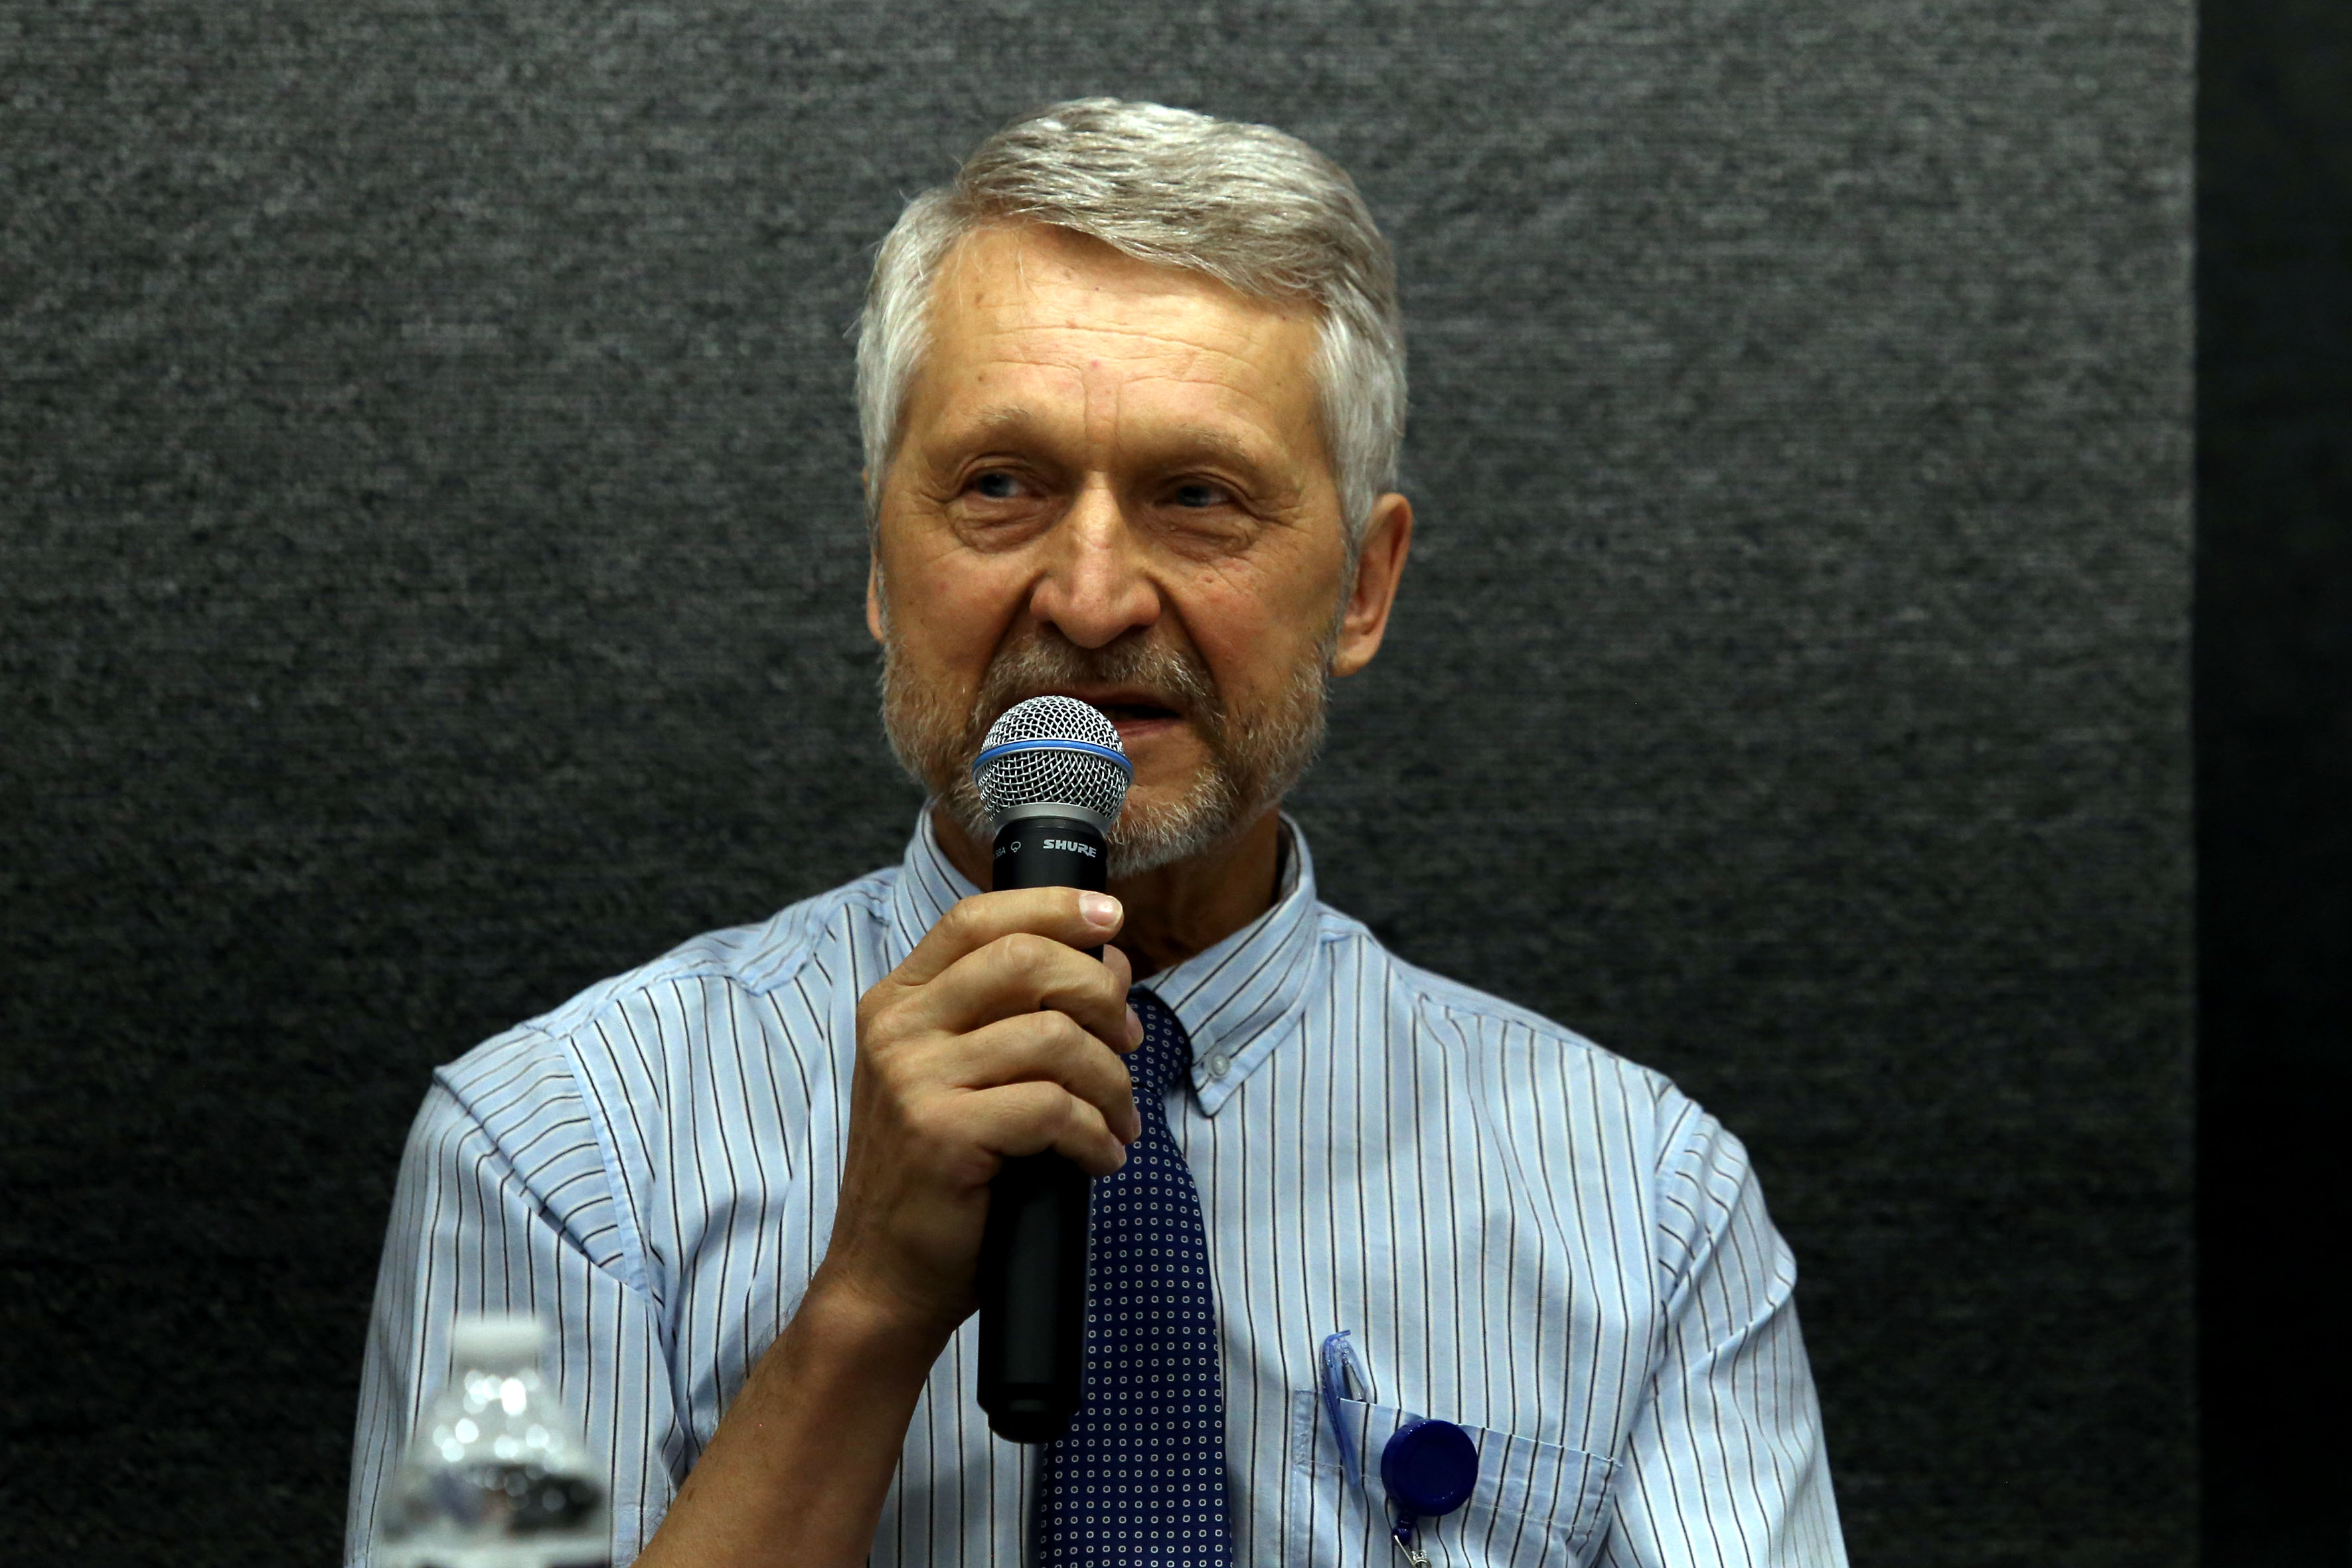 Dr.Evguenii Kourmychev, director del ITRANS al micrófono